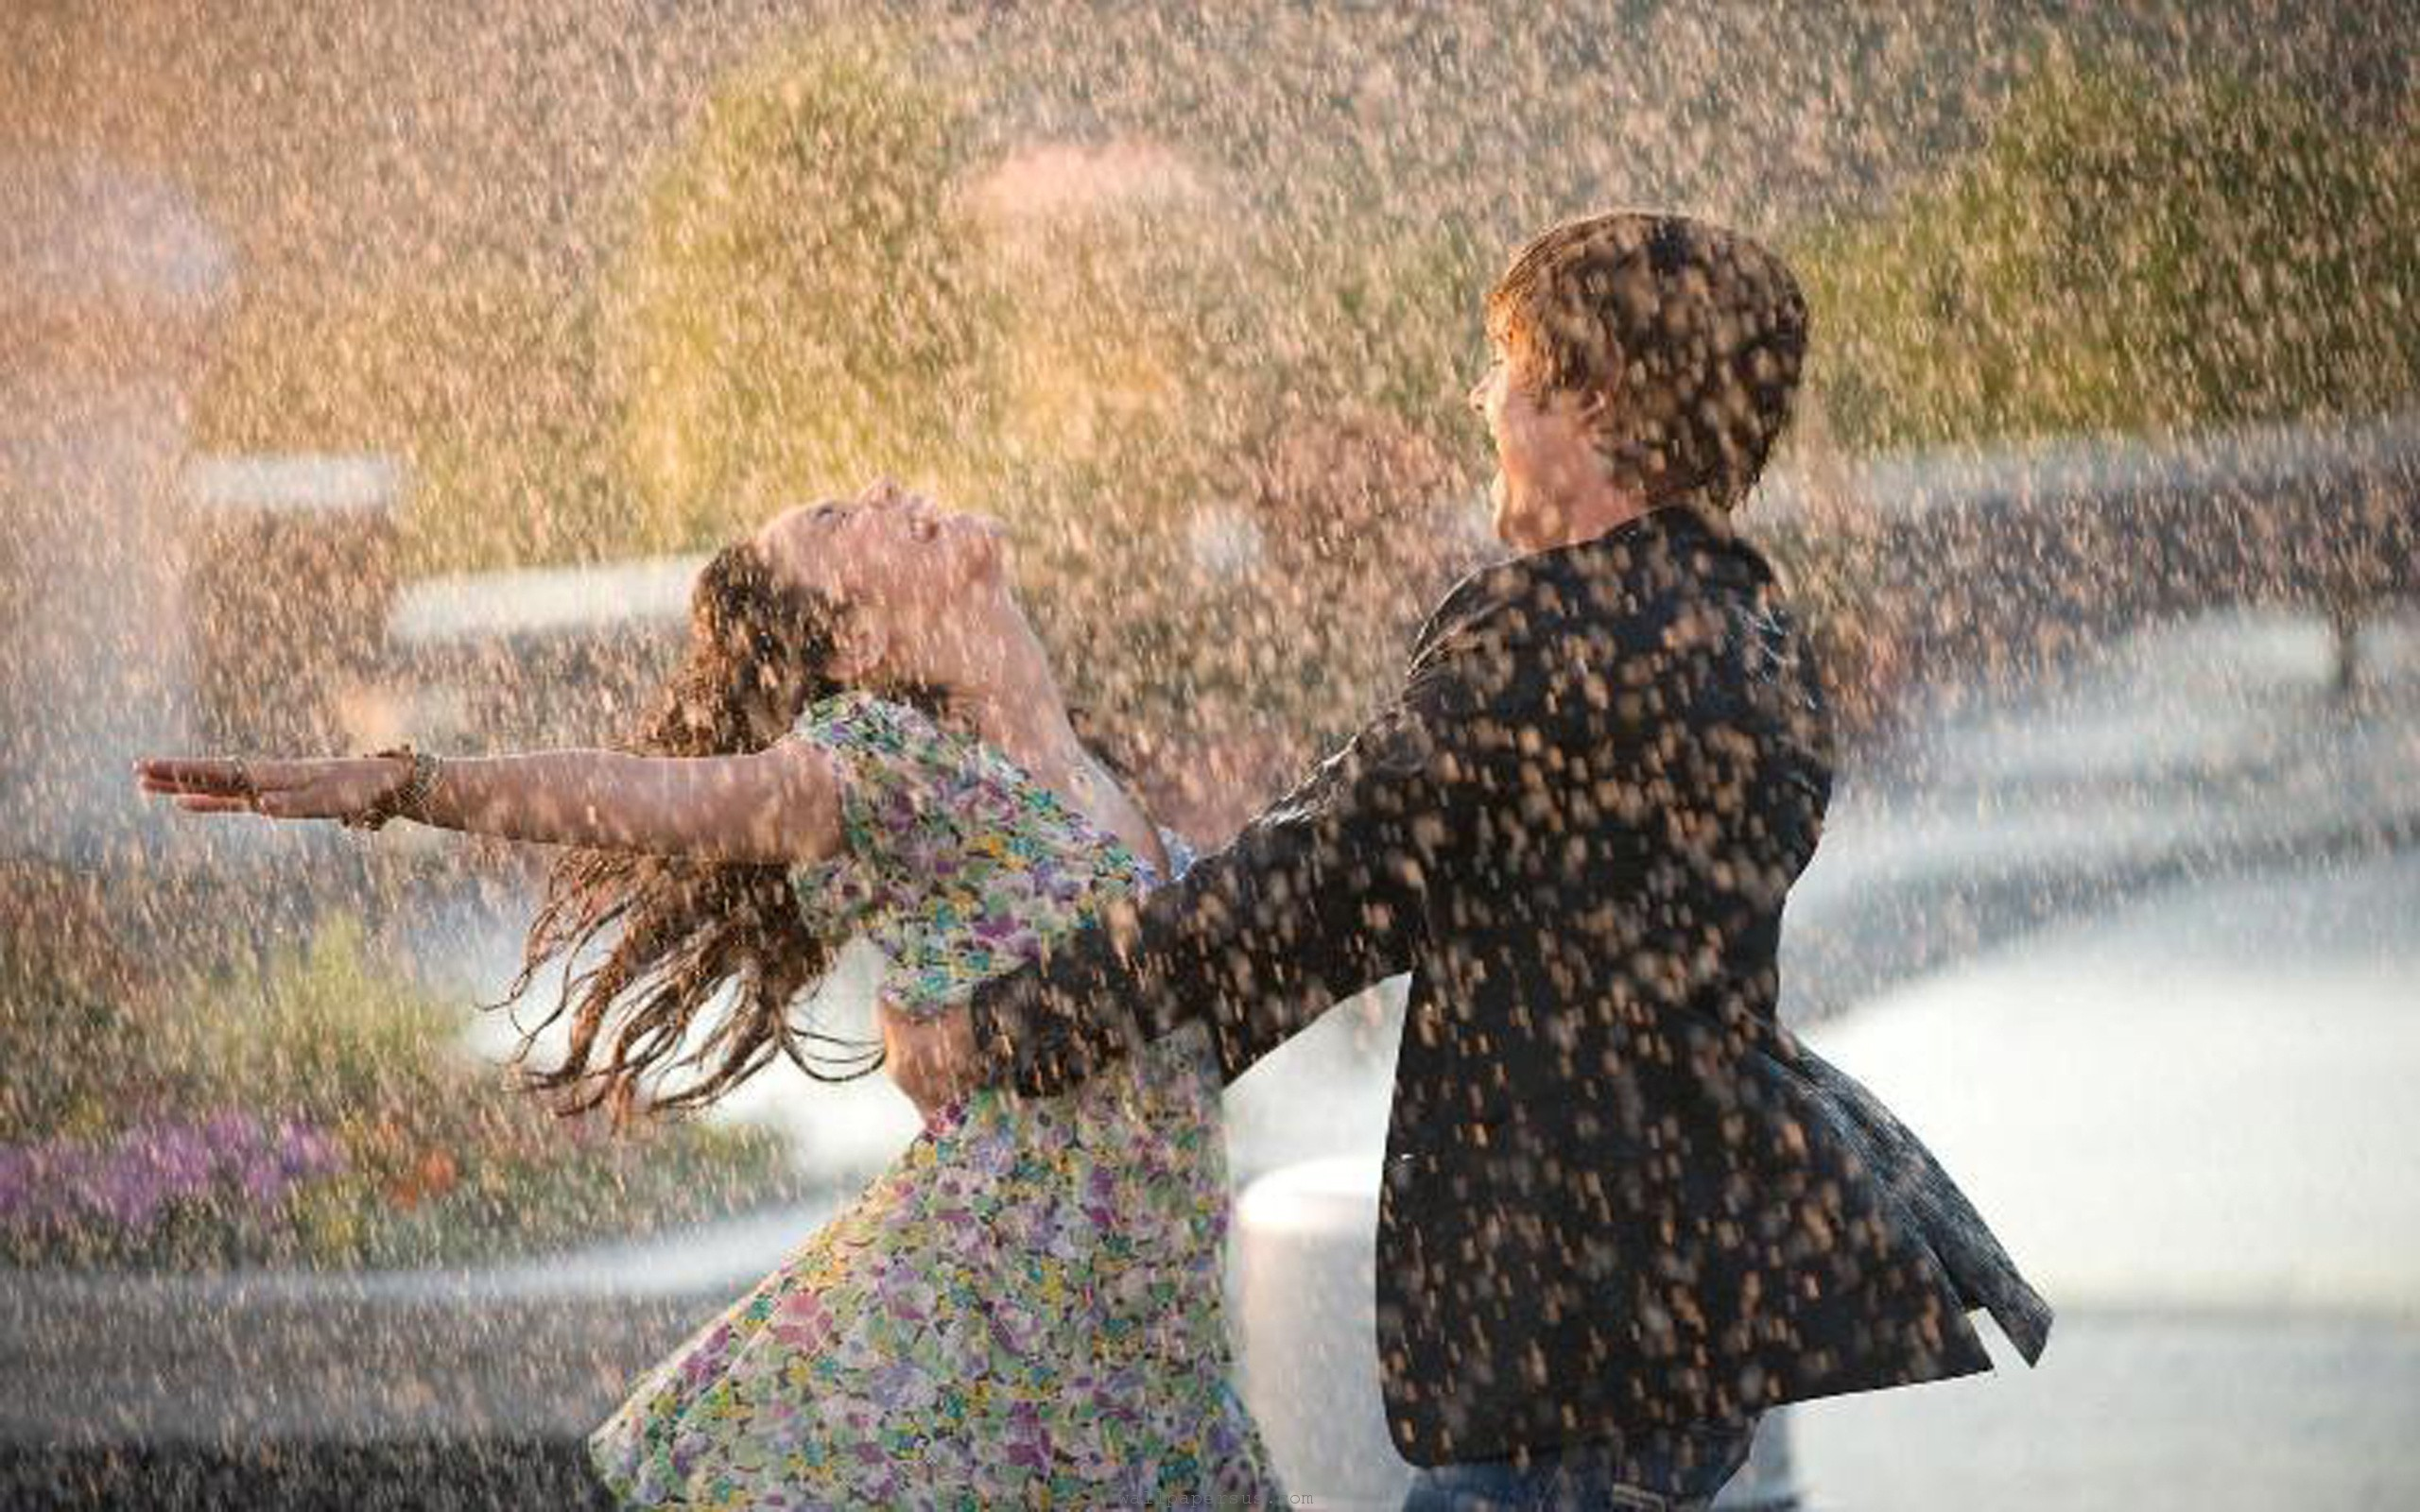 Бороонд дуртай хүмүүс бусдаас илүү аз жаргалтай байдаг 7 шалтгаан